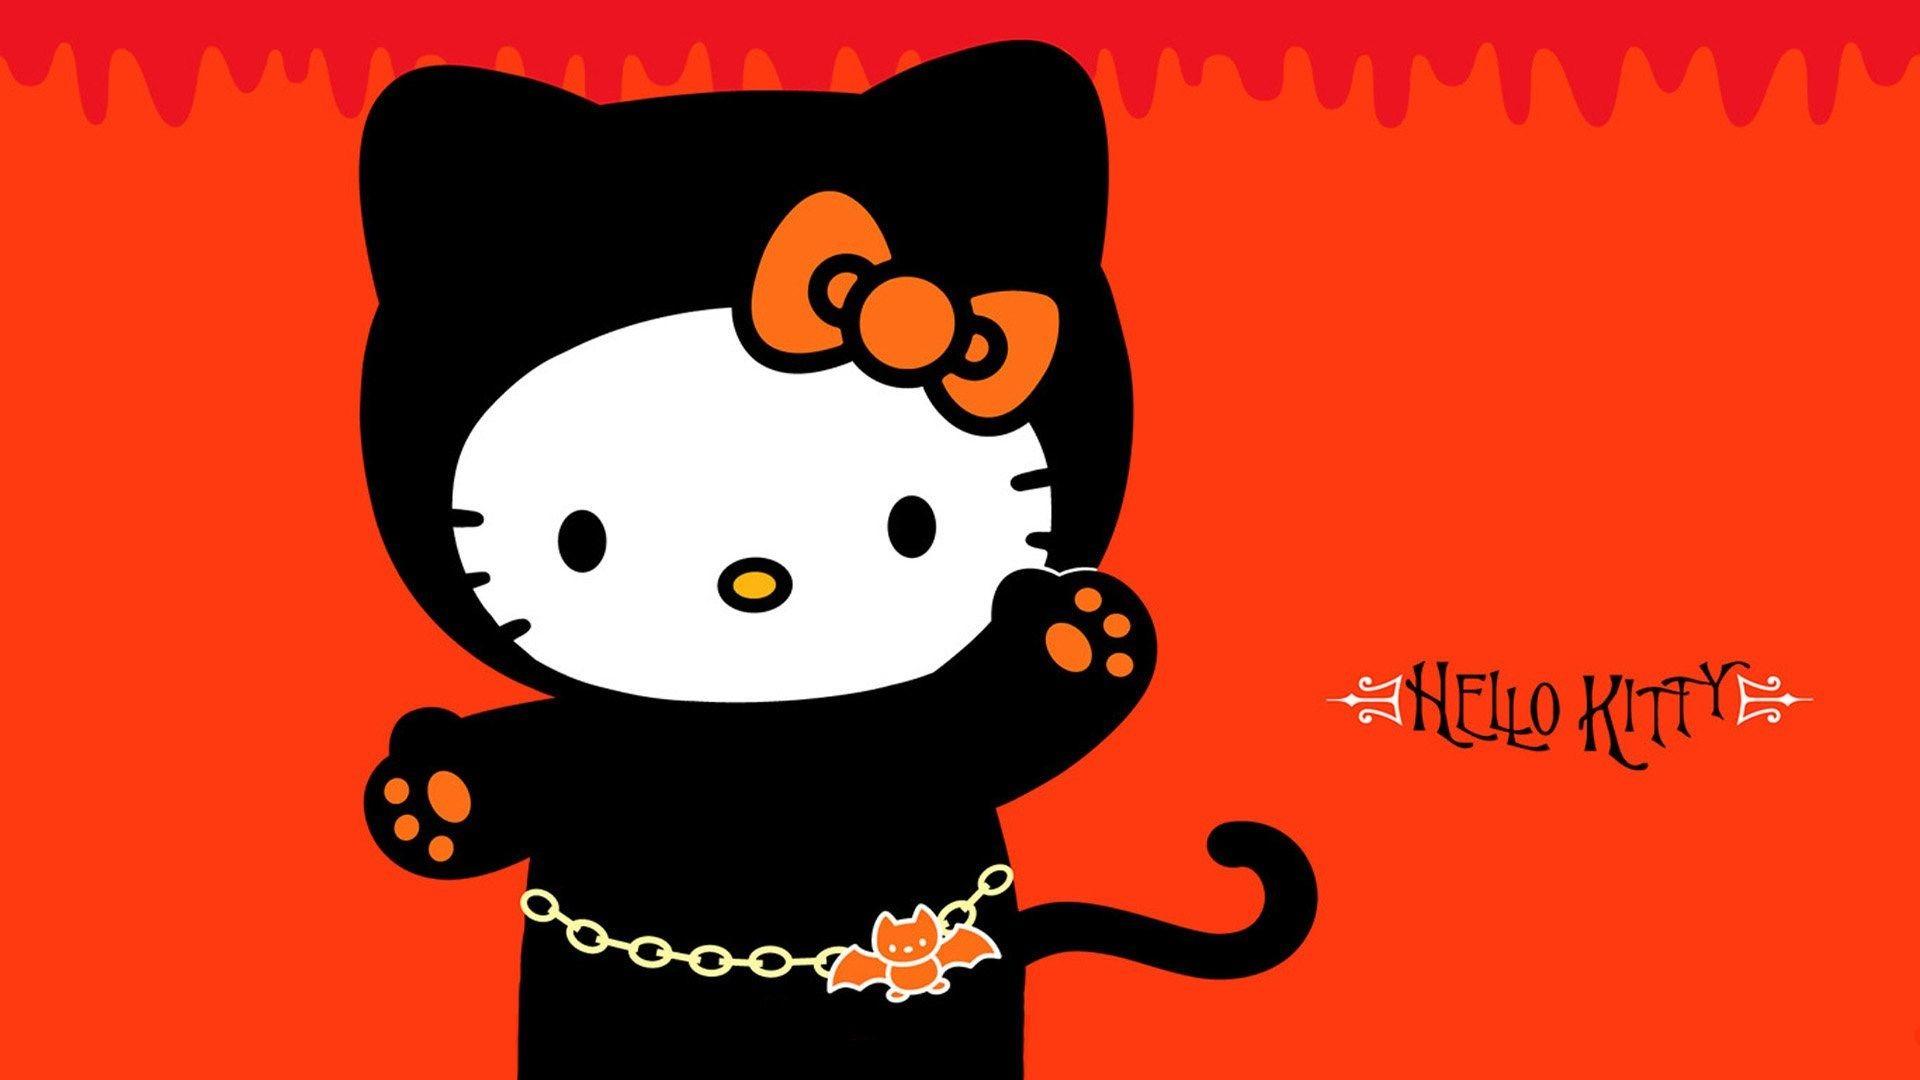 1920x1080 Hello Kitty Halloween Wallpaper Hello Kitty Images Hello Kitty Halloween Hello Kitty Wallpaper